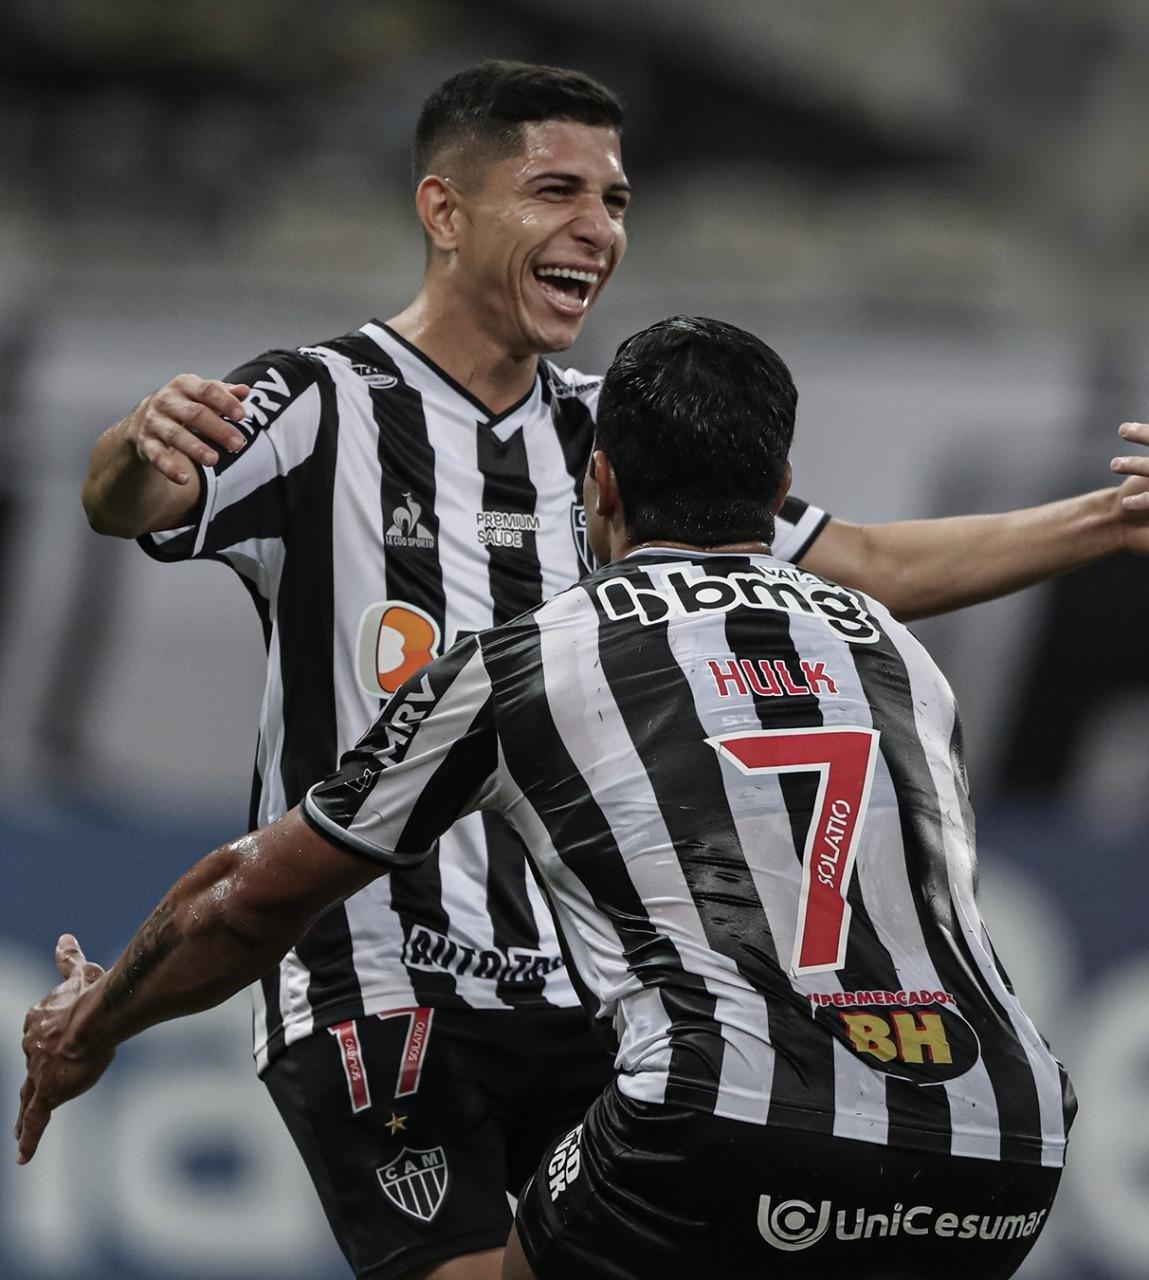 Espora 13 - Atlético - Galo - Atlético-MG - Galo Esmagador! Atlético goleia o Cerro Porteño e assume a liderança do Grupo H da Libertadores